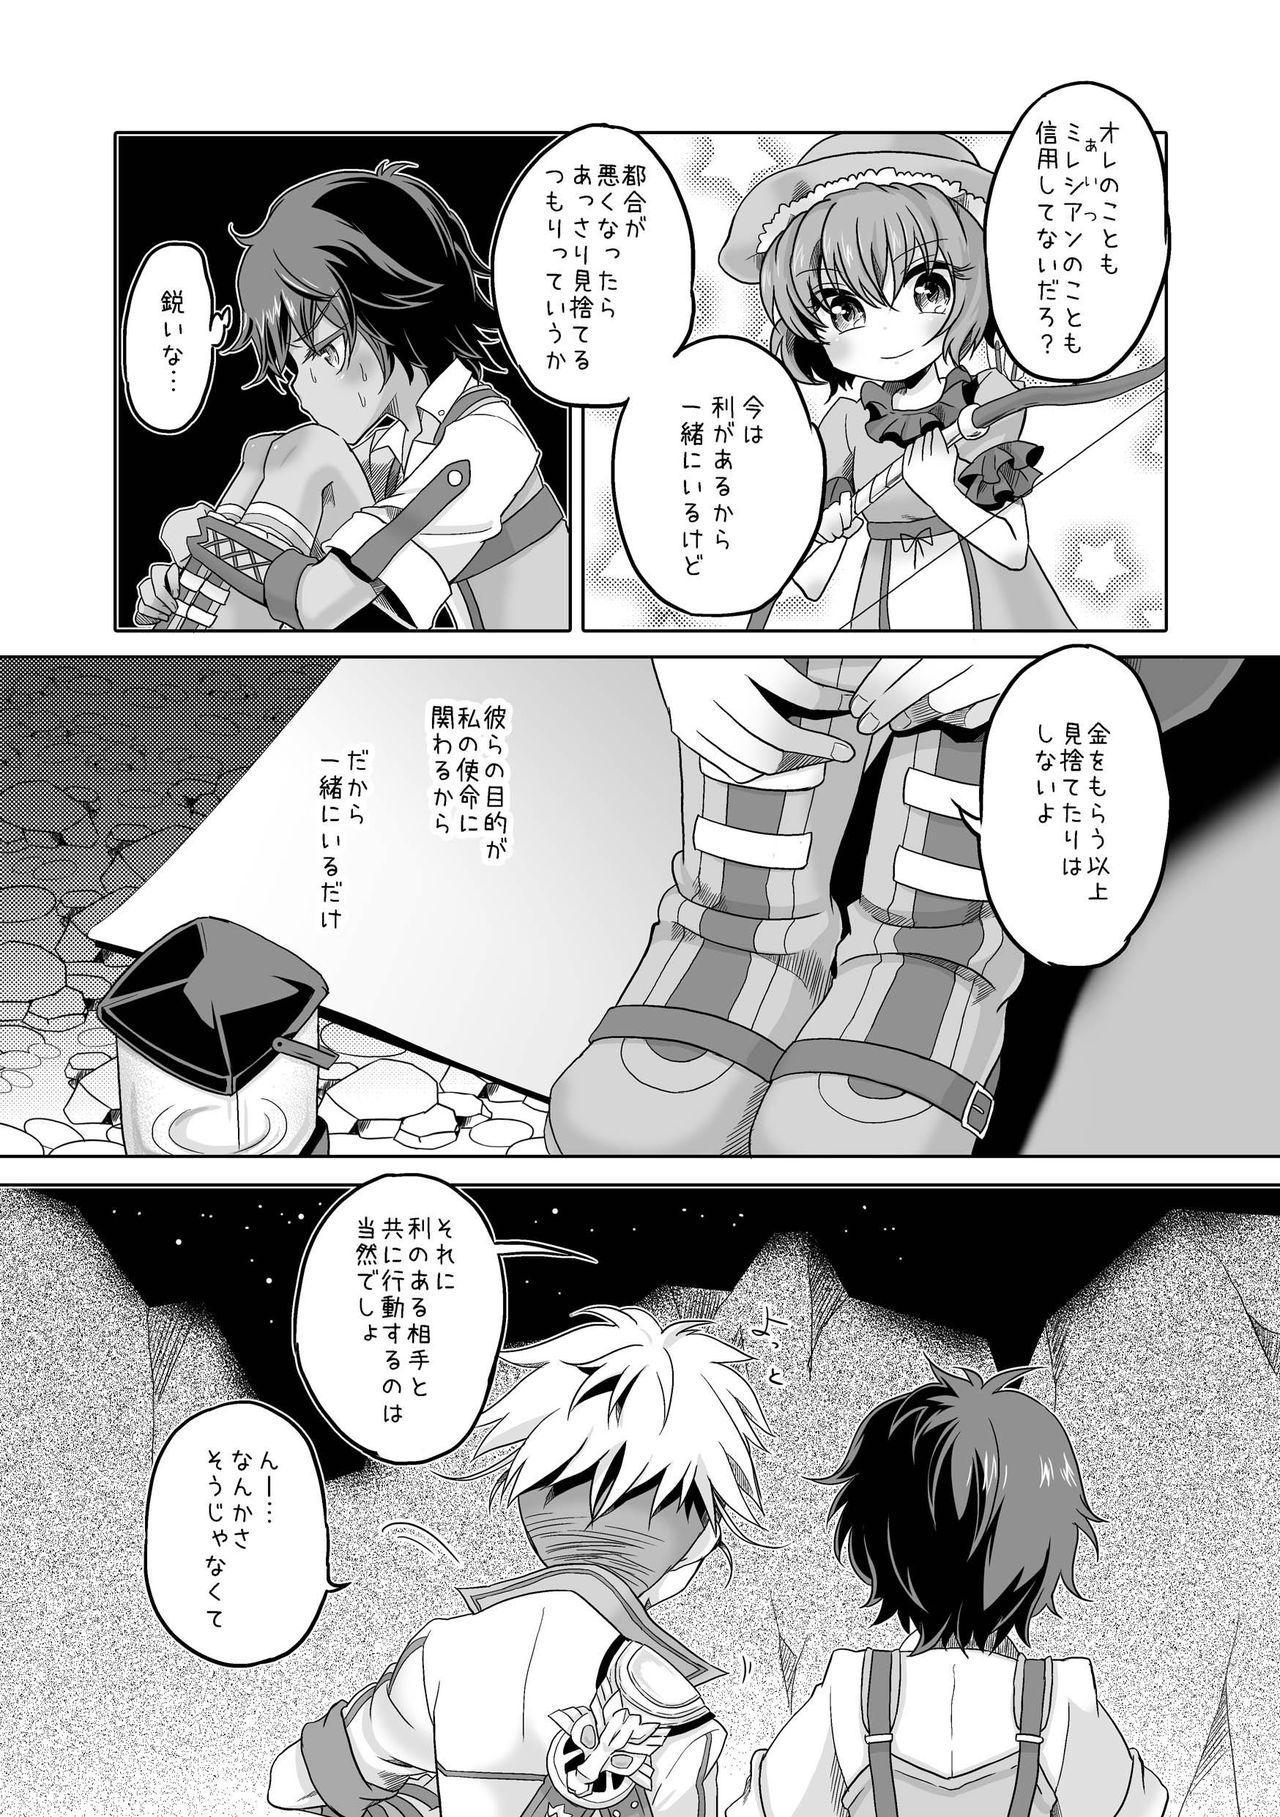 Kimi to Ikusen no Yoru o Sugosou 5